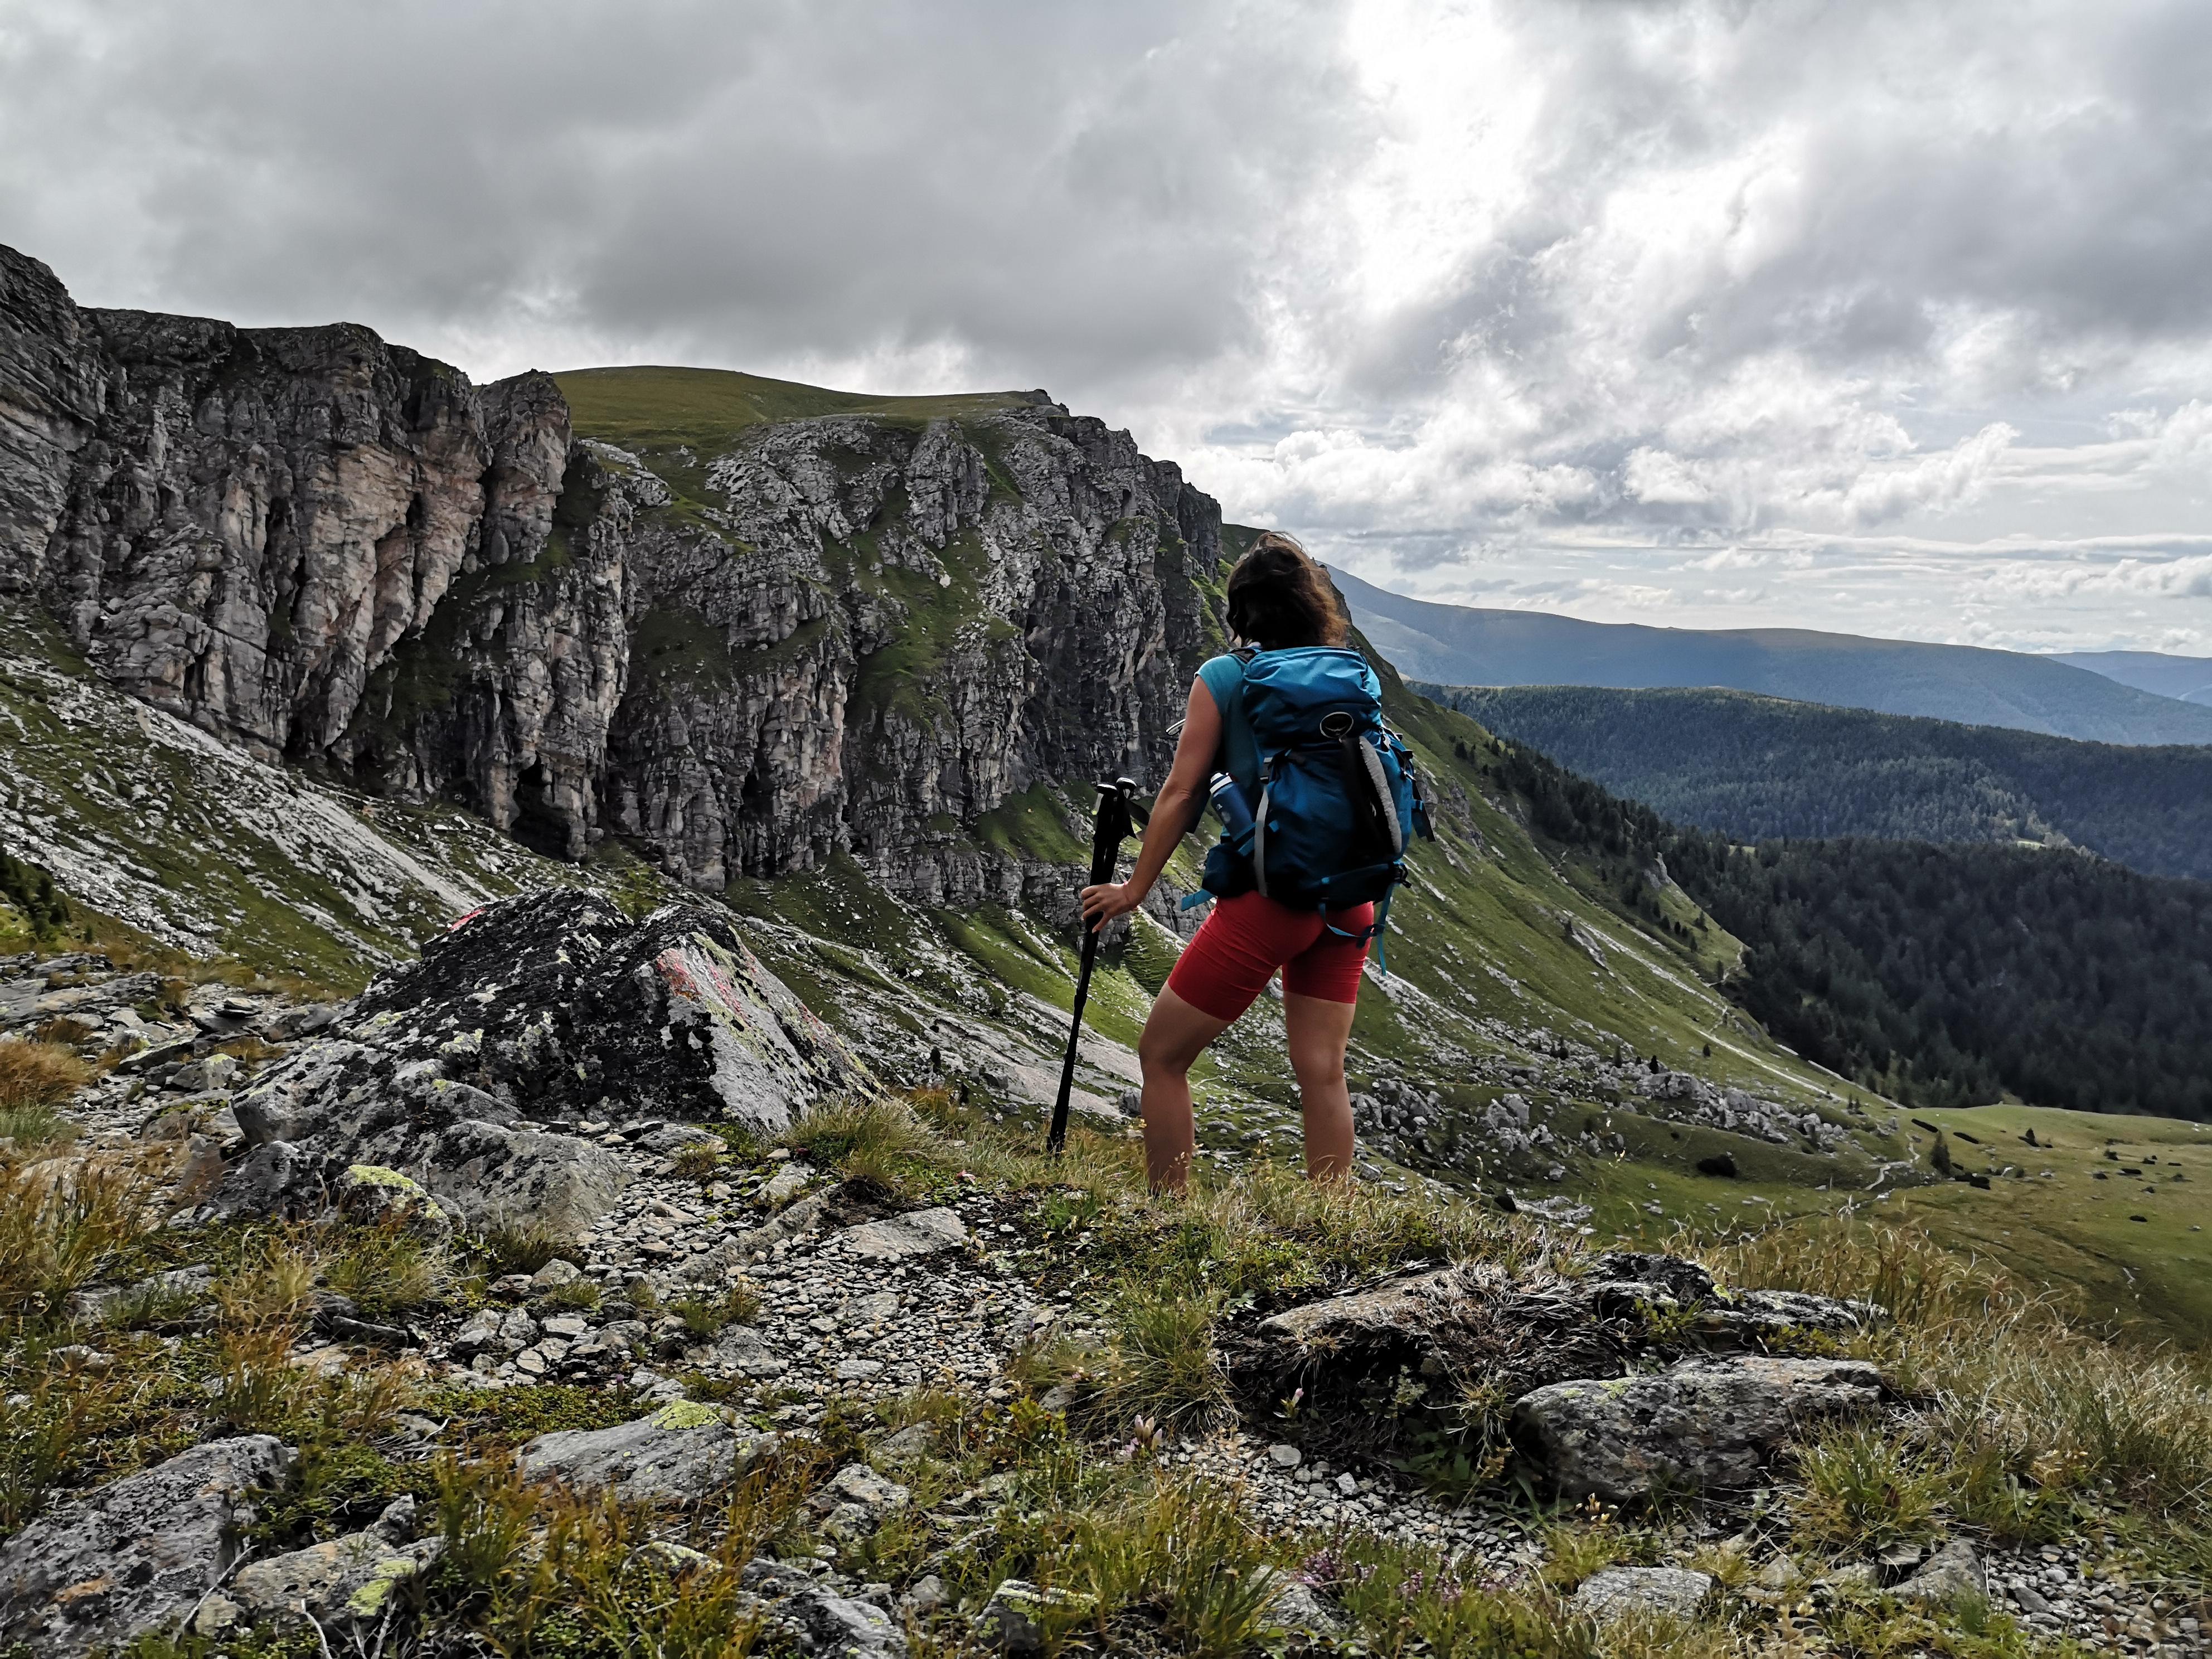 Etappe 15 - Alpenwandeling Alpe Adria Trail, Oostenrijk